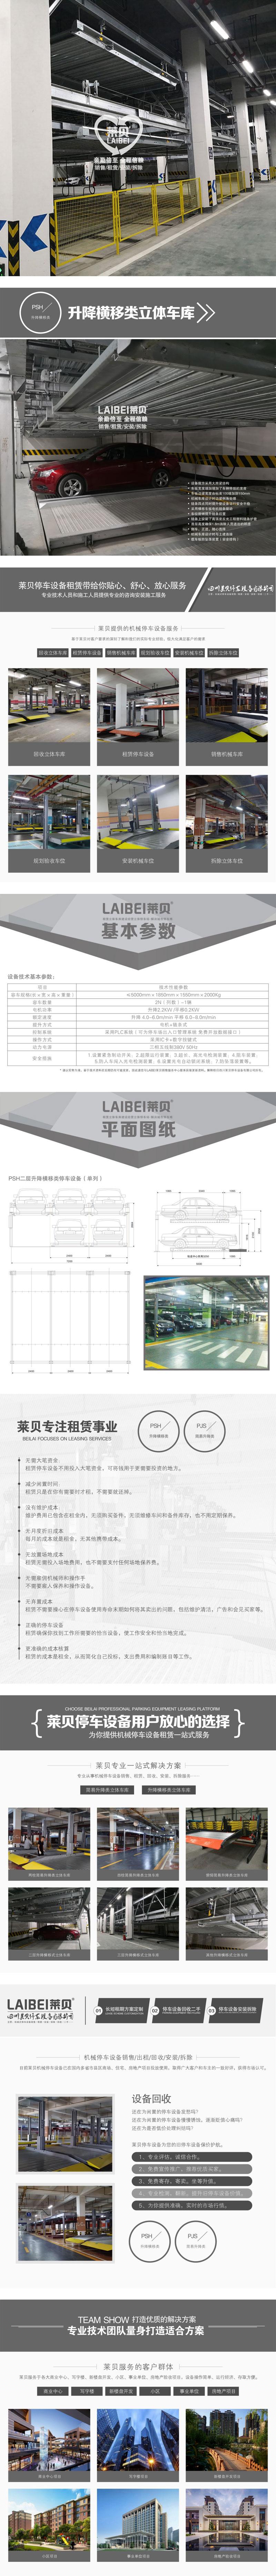 庆阳市镇原县立体停车位租赁新型立体停车设备工程机械停车库加工